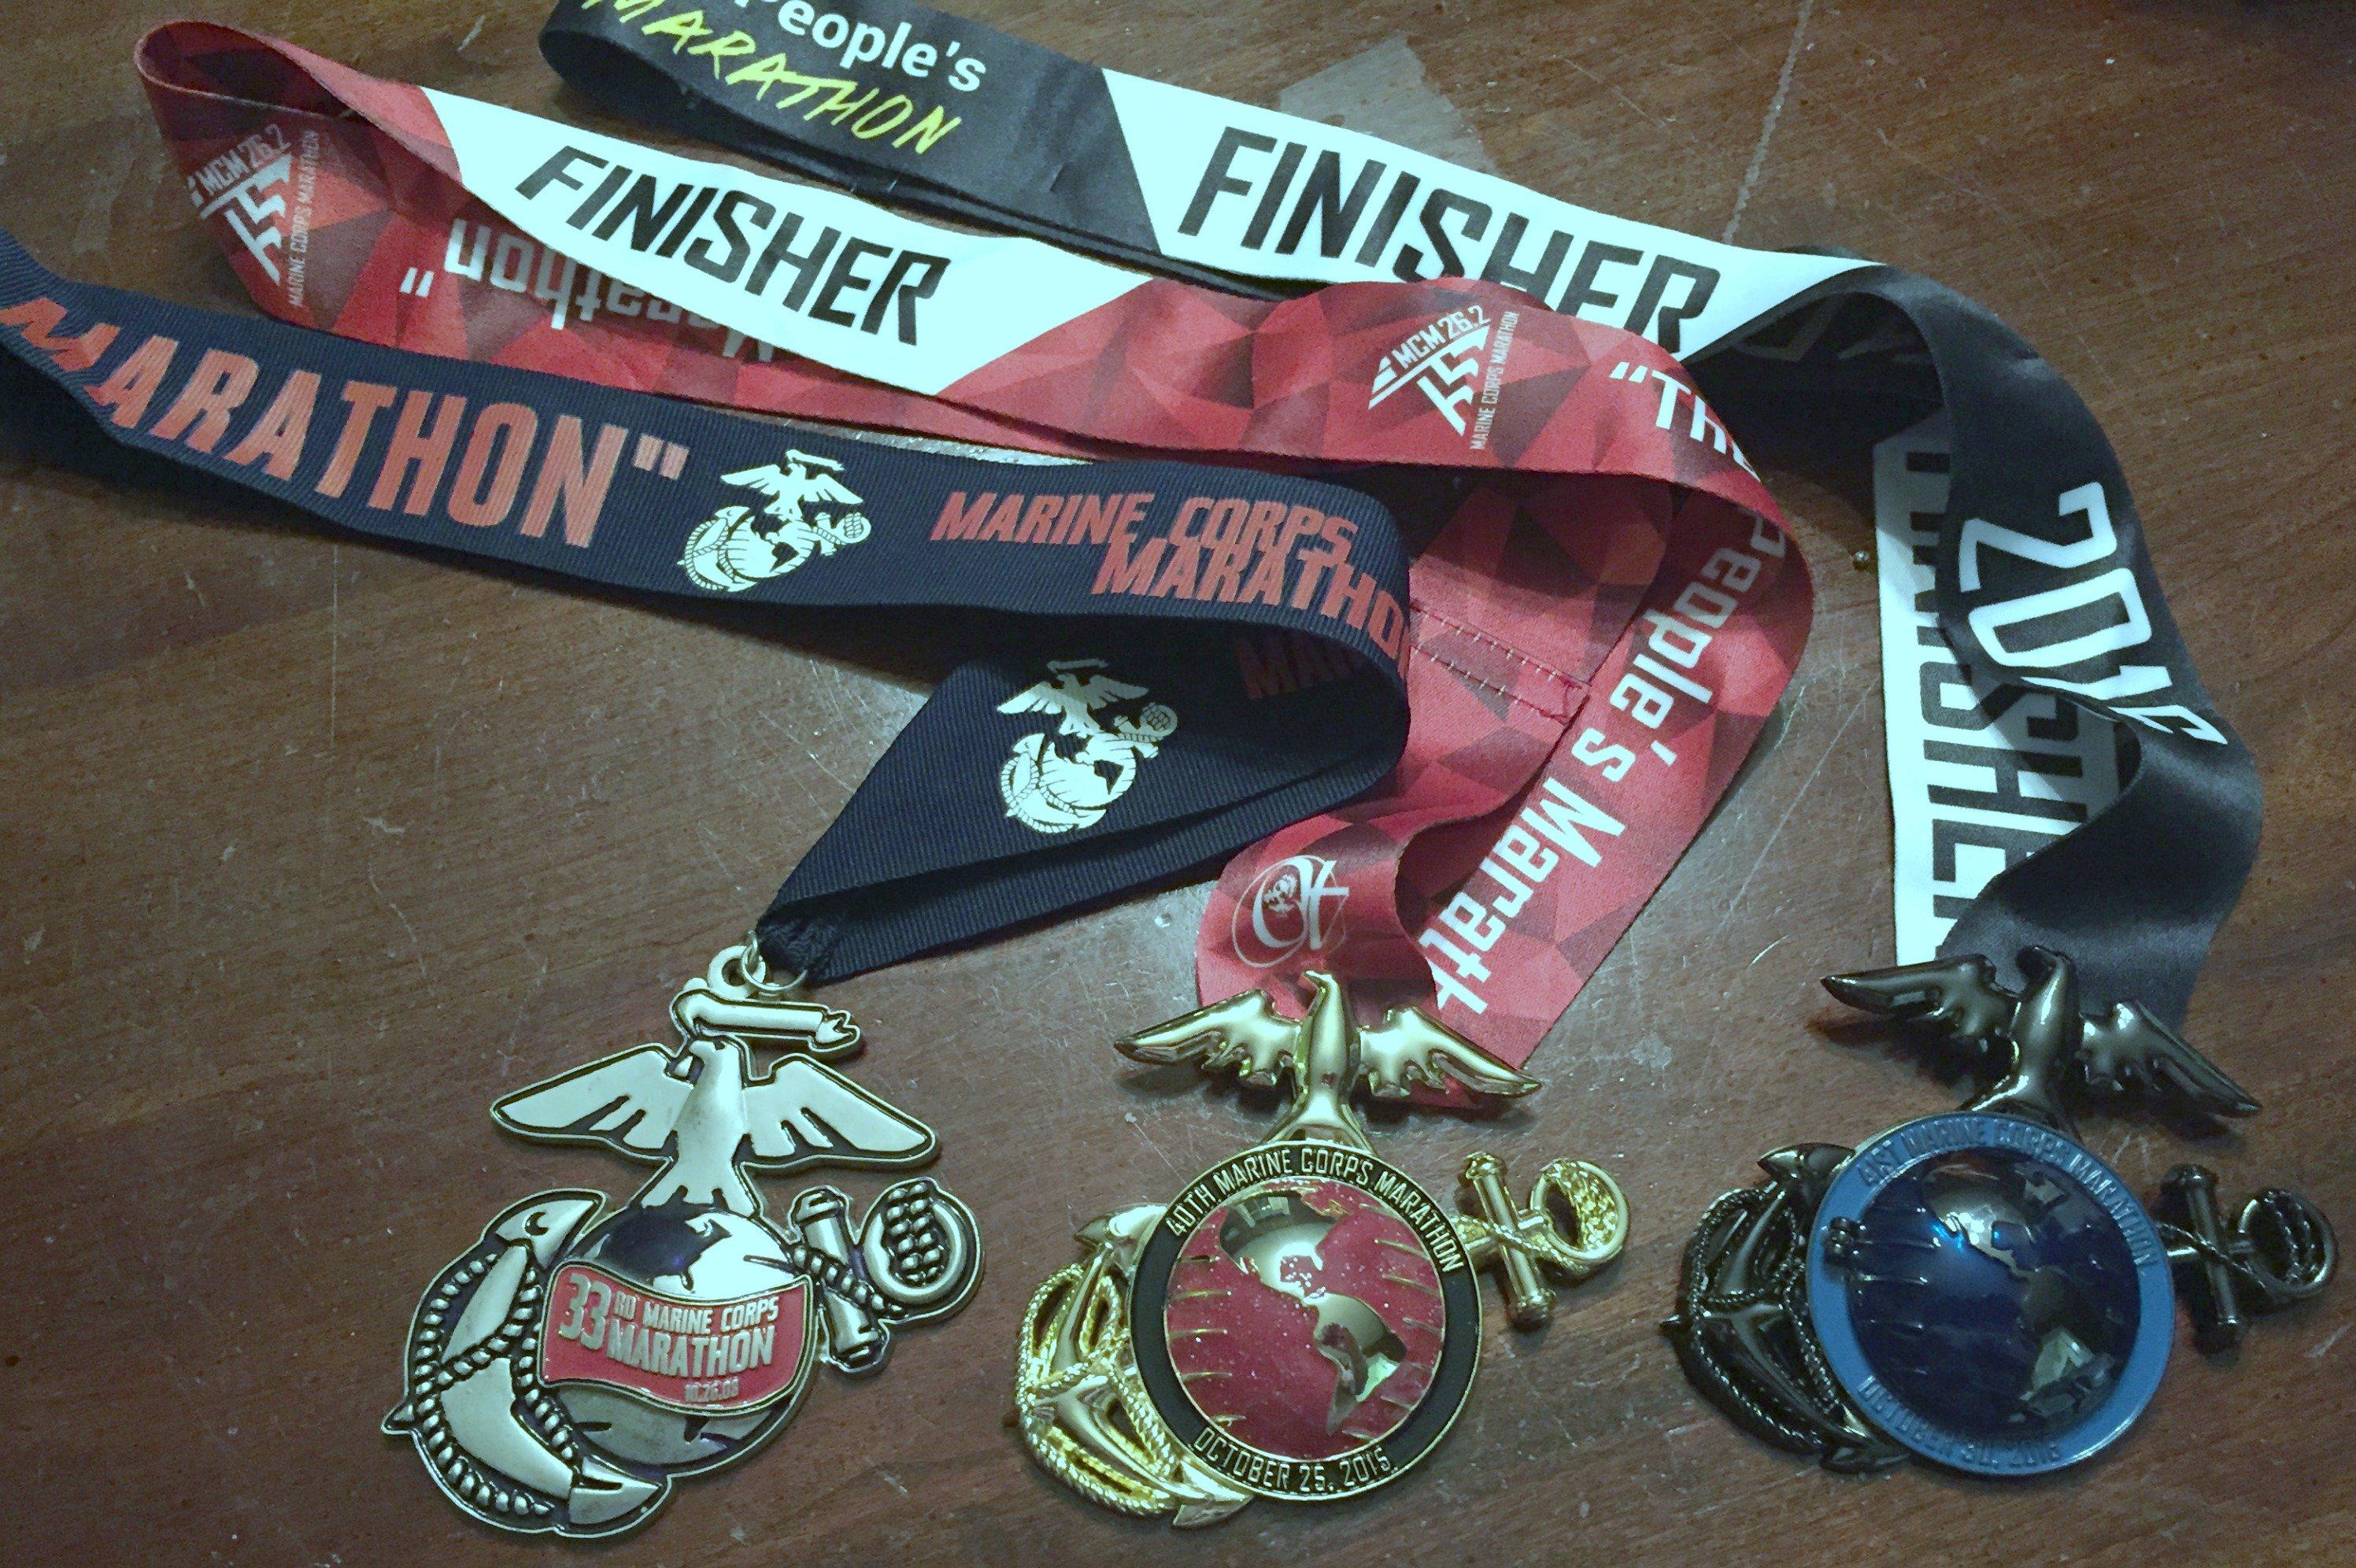 marine-corps-marathon-2016-2015-2008-medals